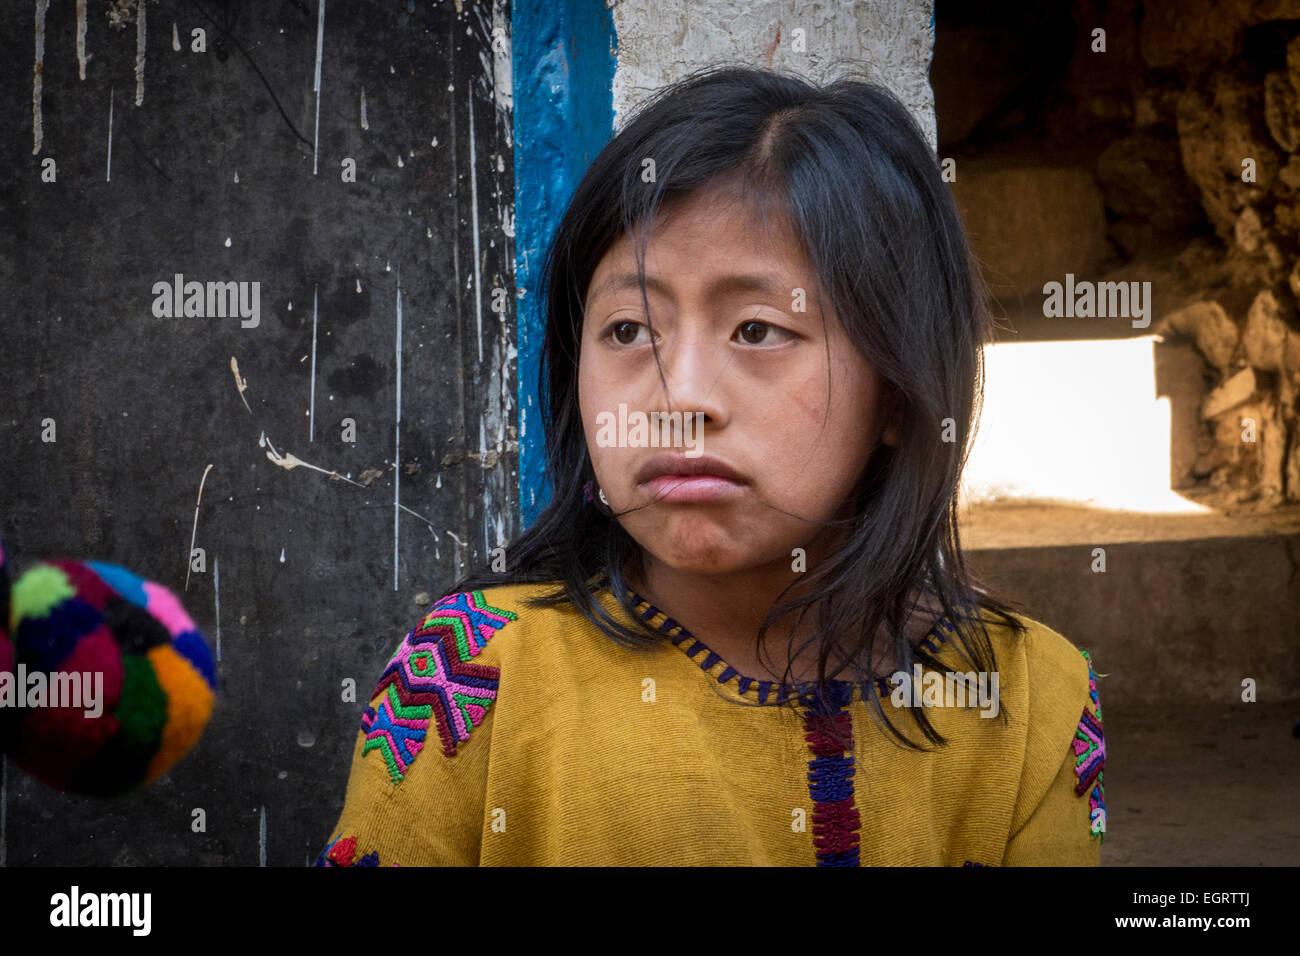 Portrait of Maya Indian girl - Stock Image